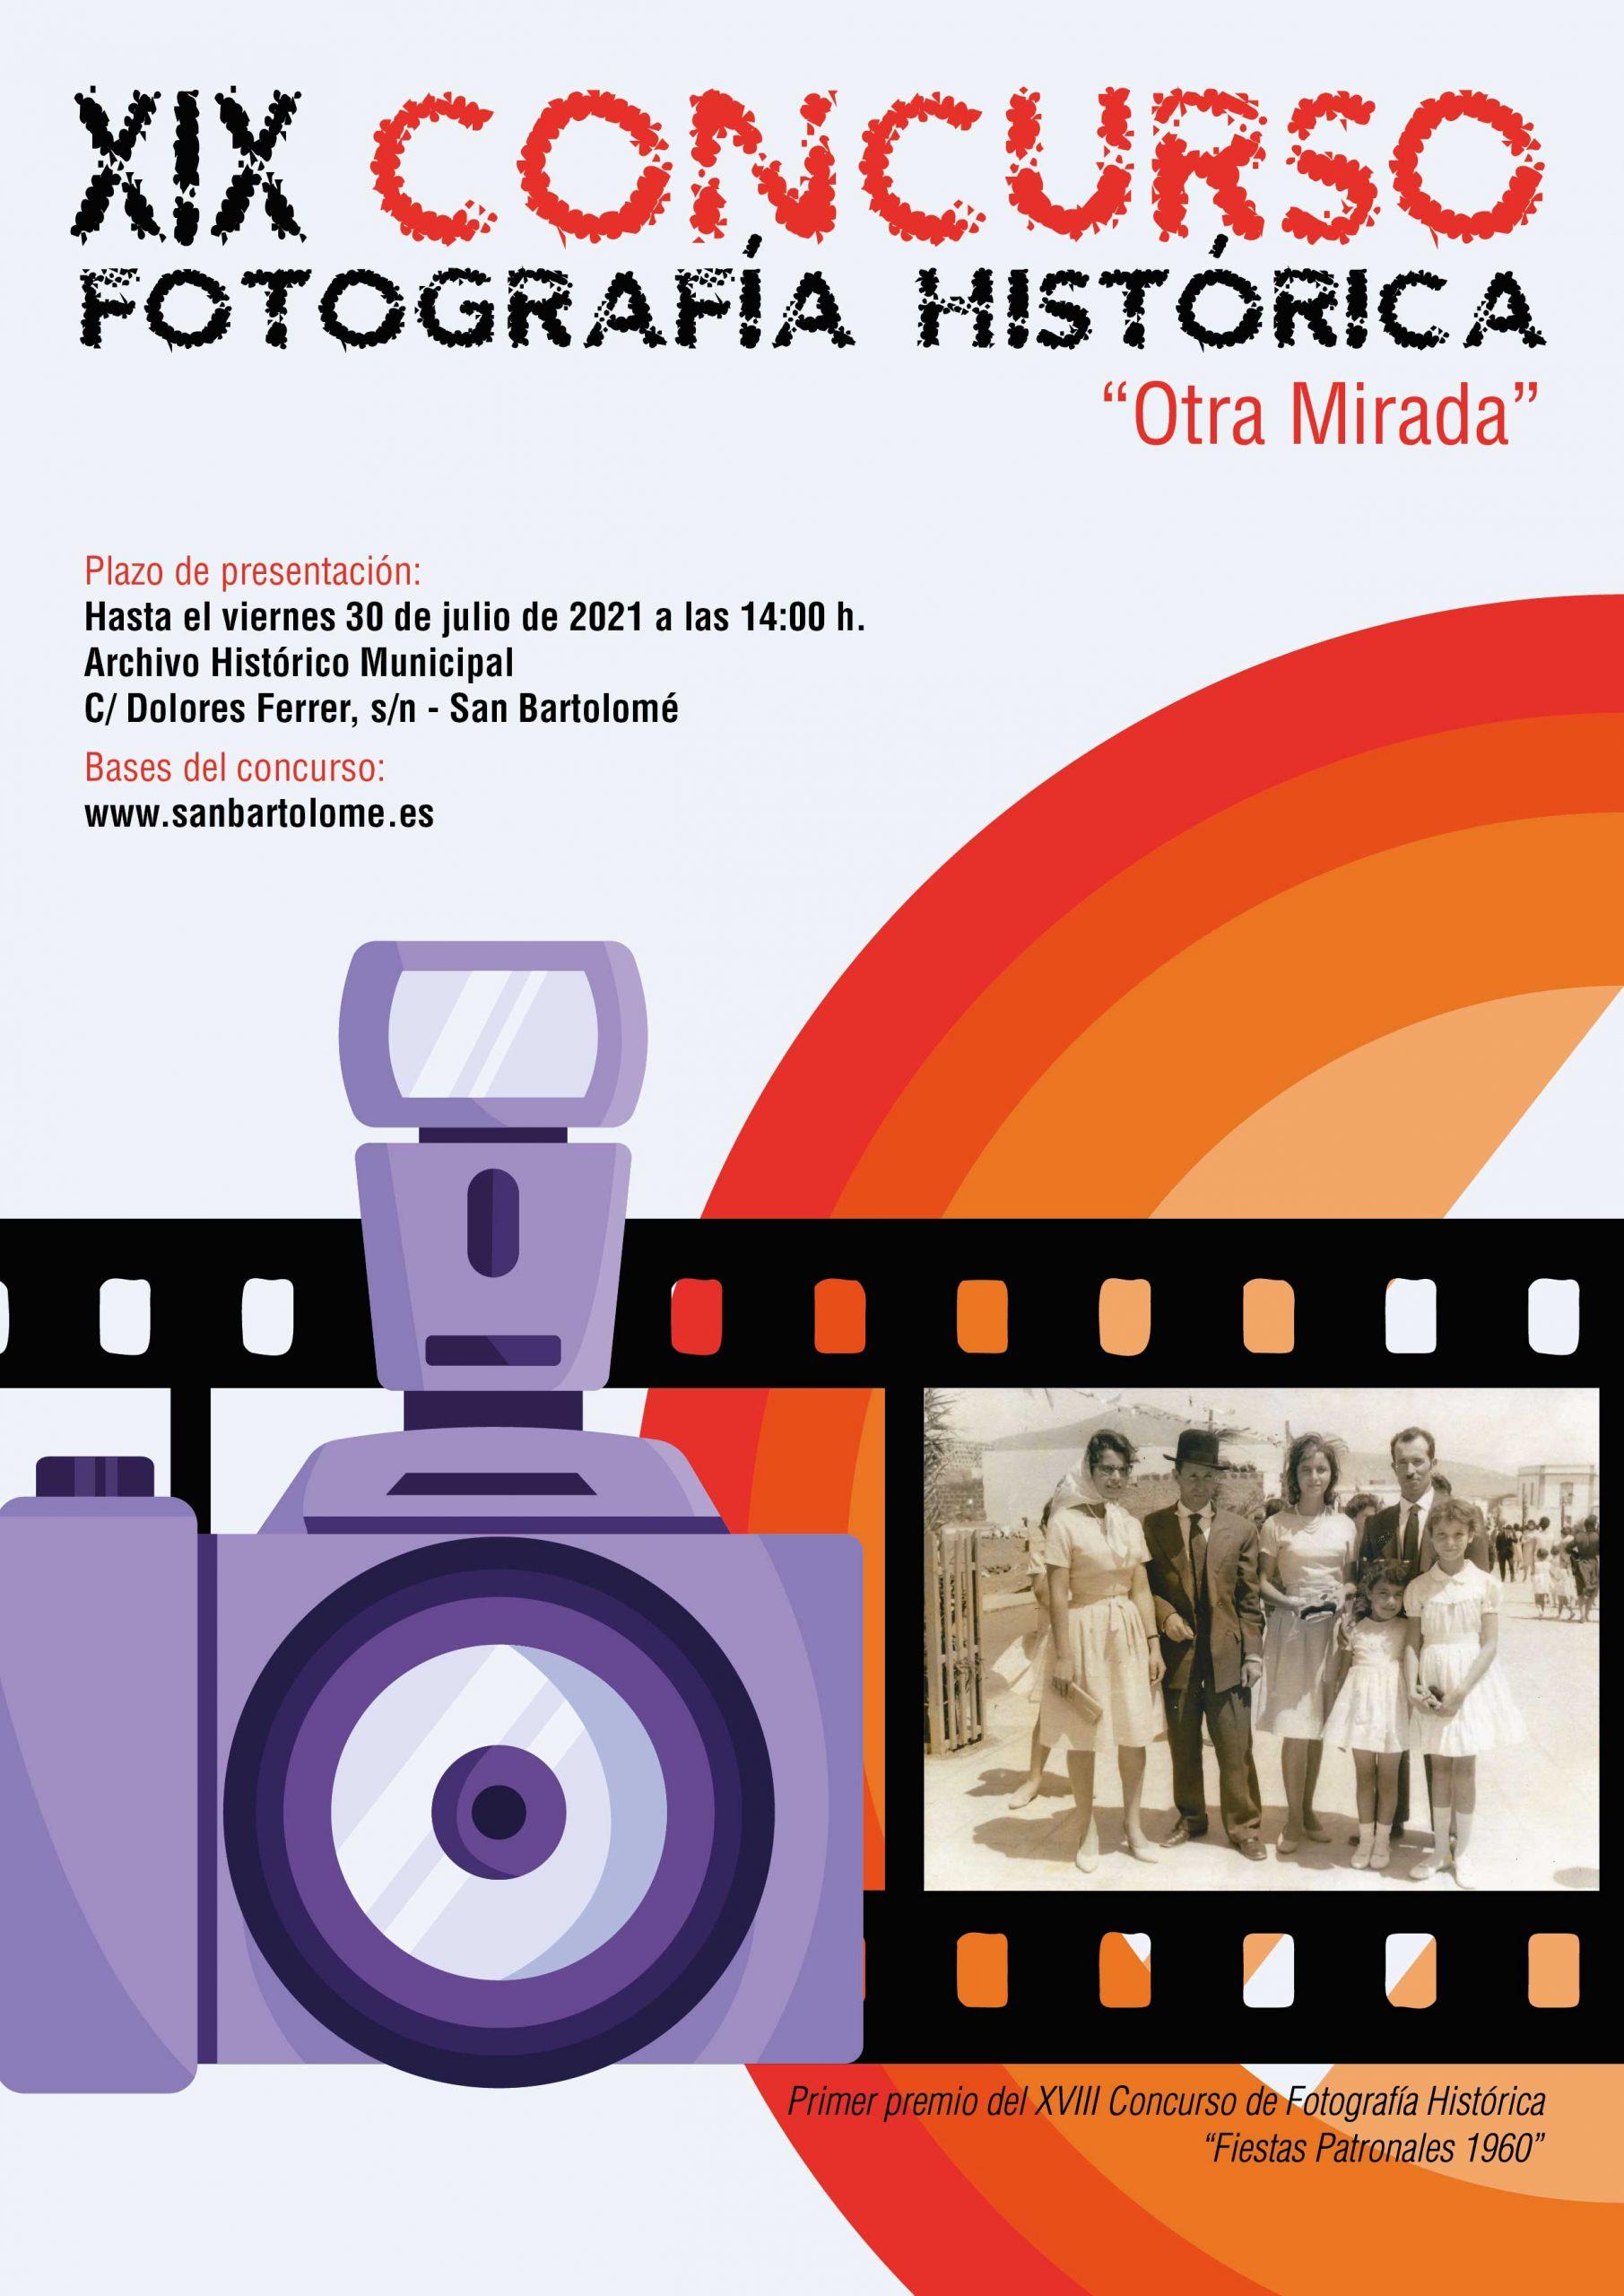 """Abierto el plazo para presentar imágenes en el XIX Concurso de Fotografía Histórica """"Otra Mirada"""""""